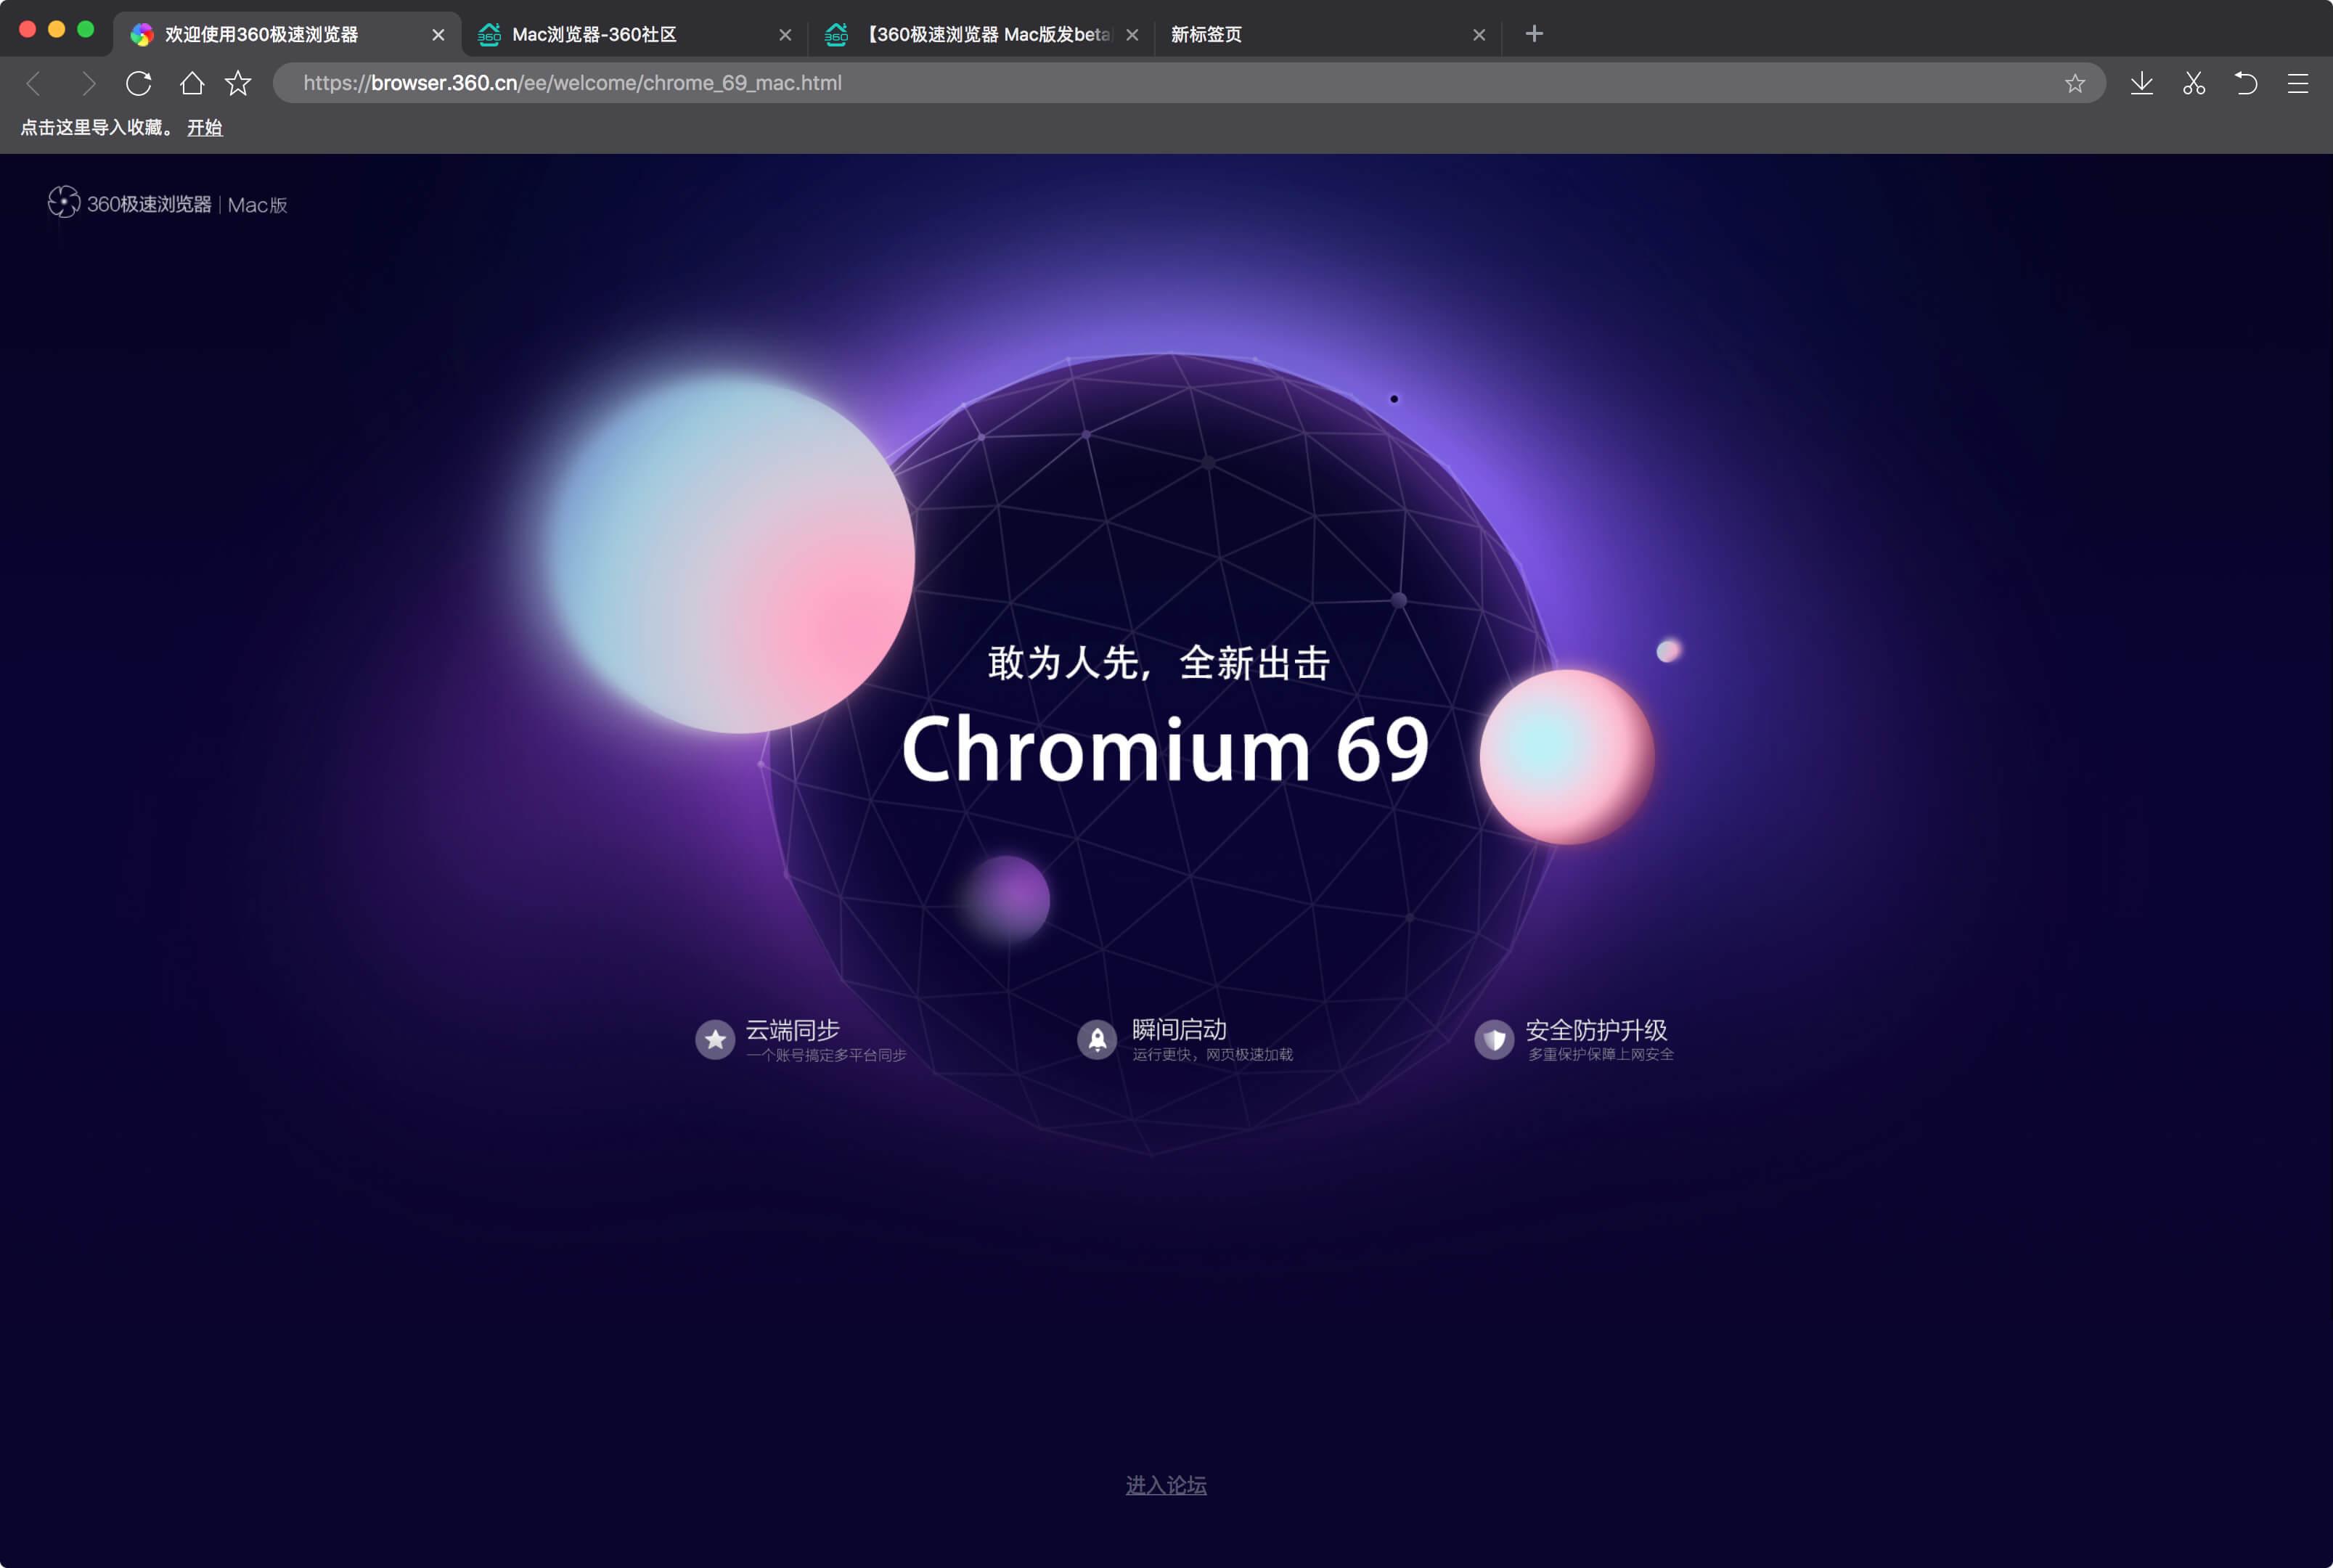 360极速浏览器 v1.0.1362.0 极速、安全的无缝双核浏览器